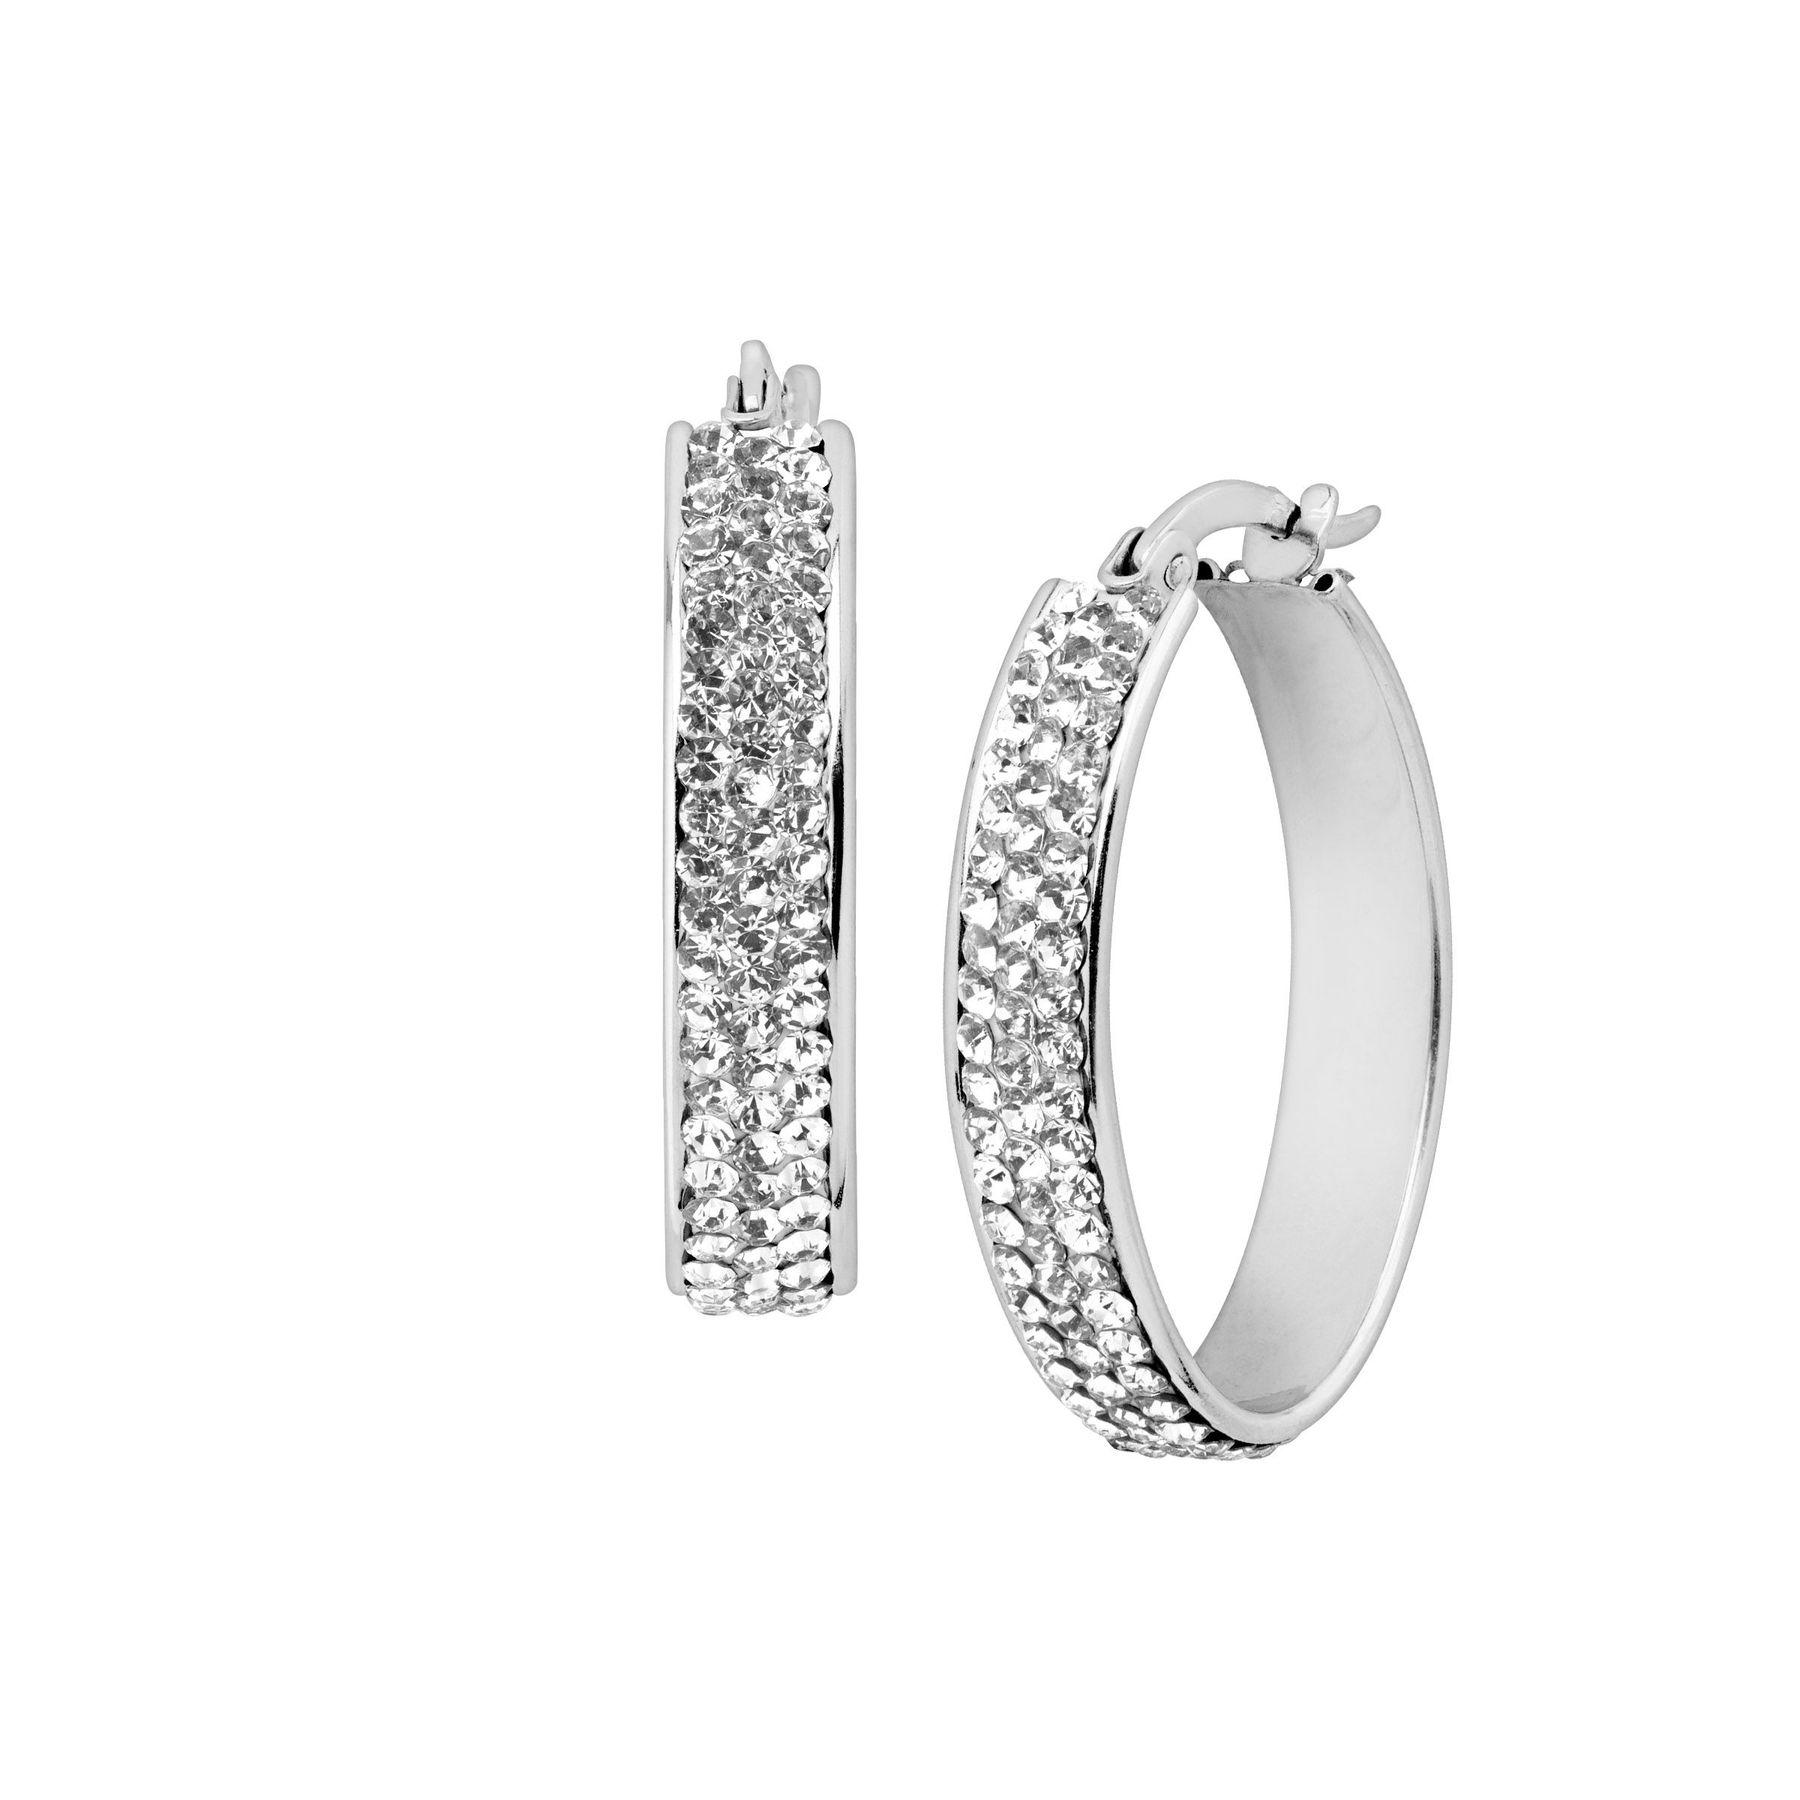 ce202dadb Crystaluxe Oval Hoop Earrings with Swarovski Crystals in Sterling ...